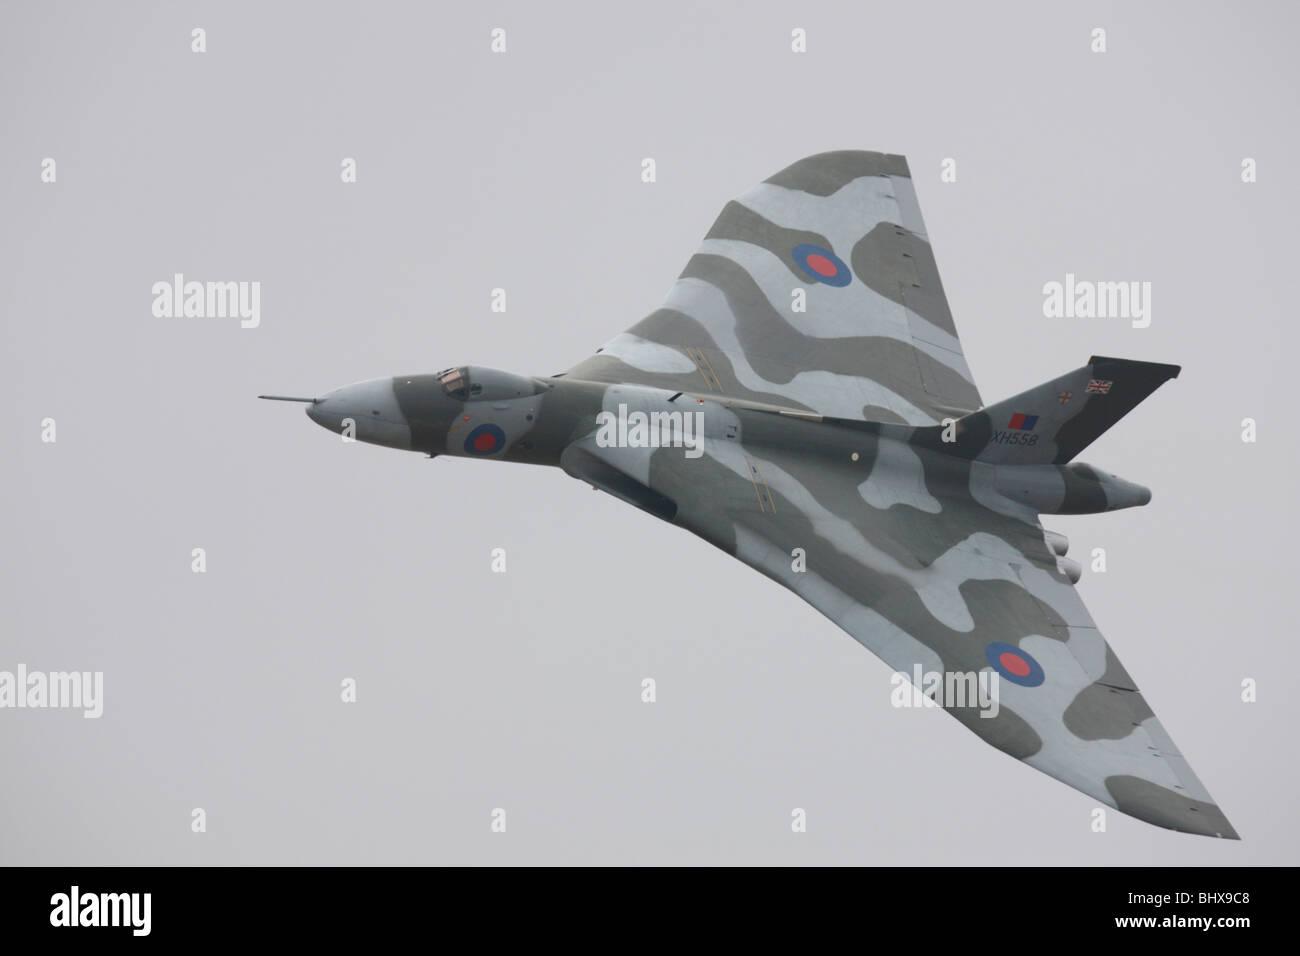 Bombardiere Vulcan in volo Immagini Stock